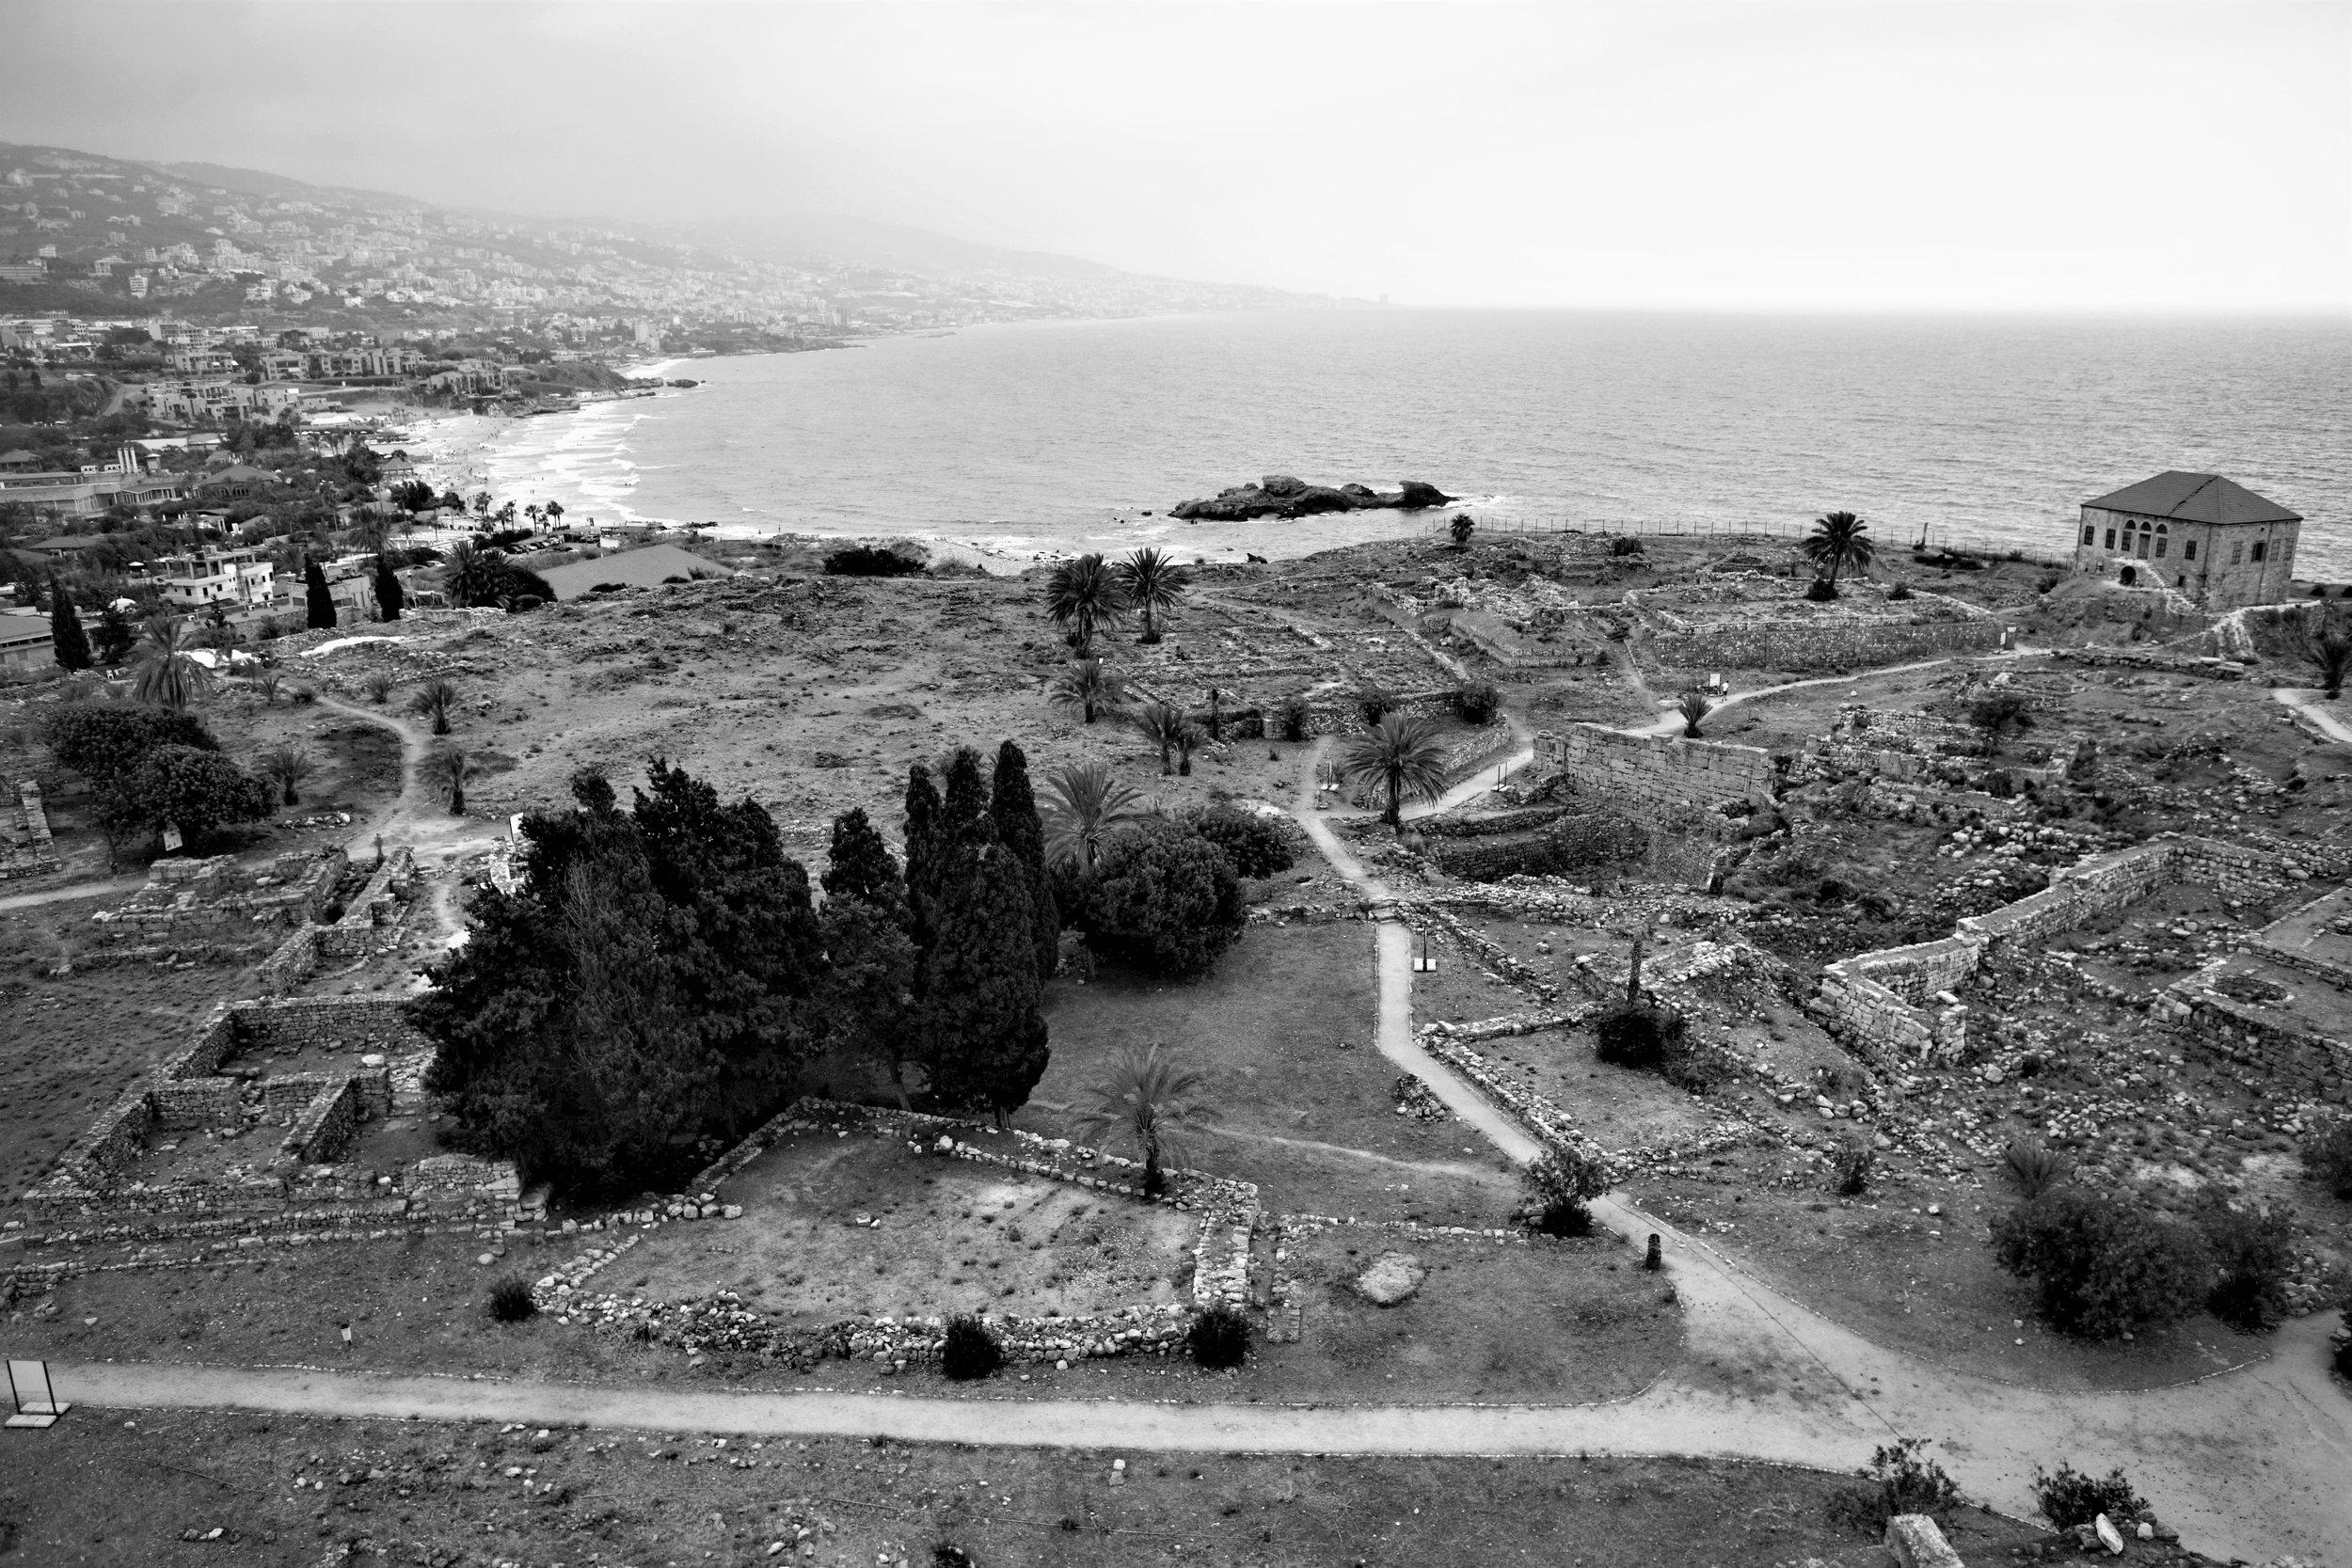 Ausblick von der Zitadelle in Byblos Richtung Süden.